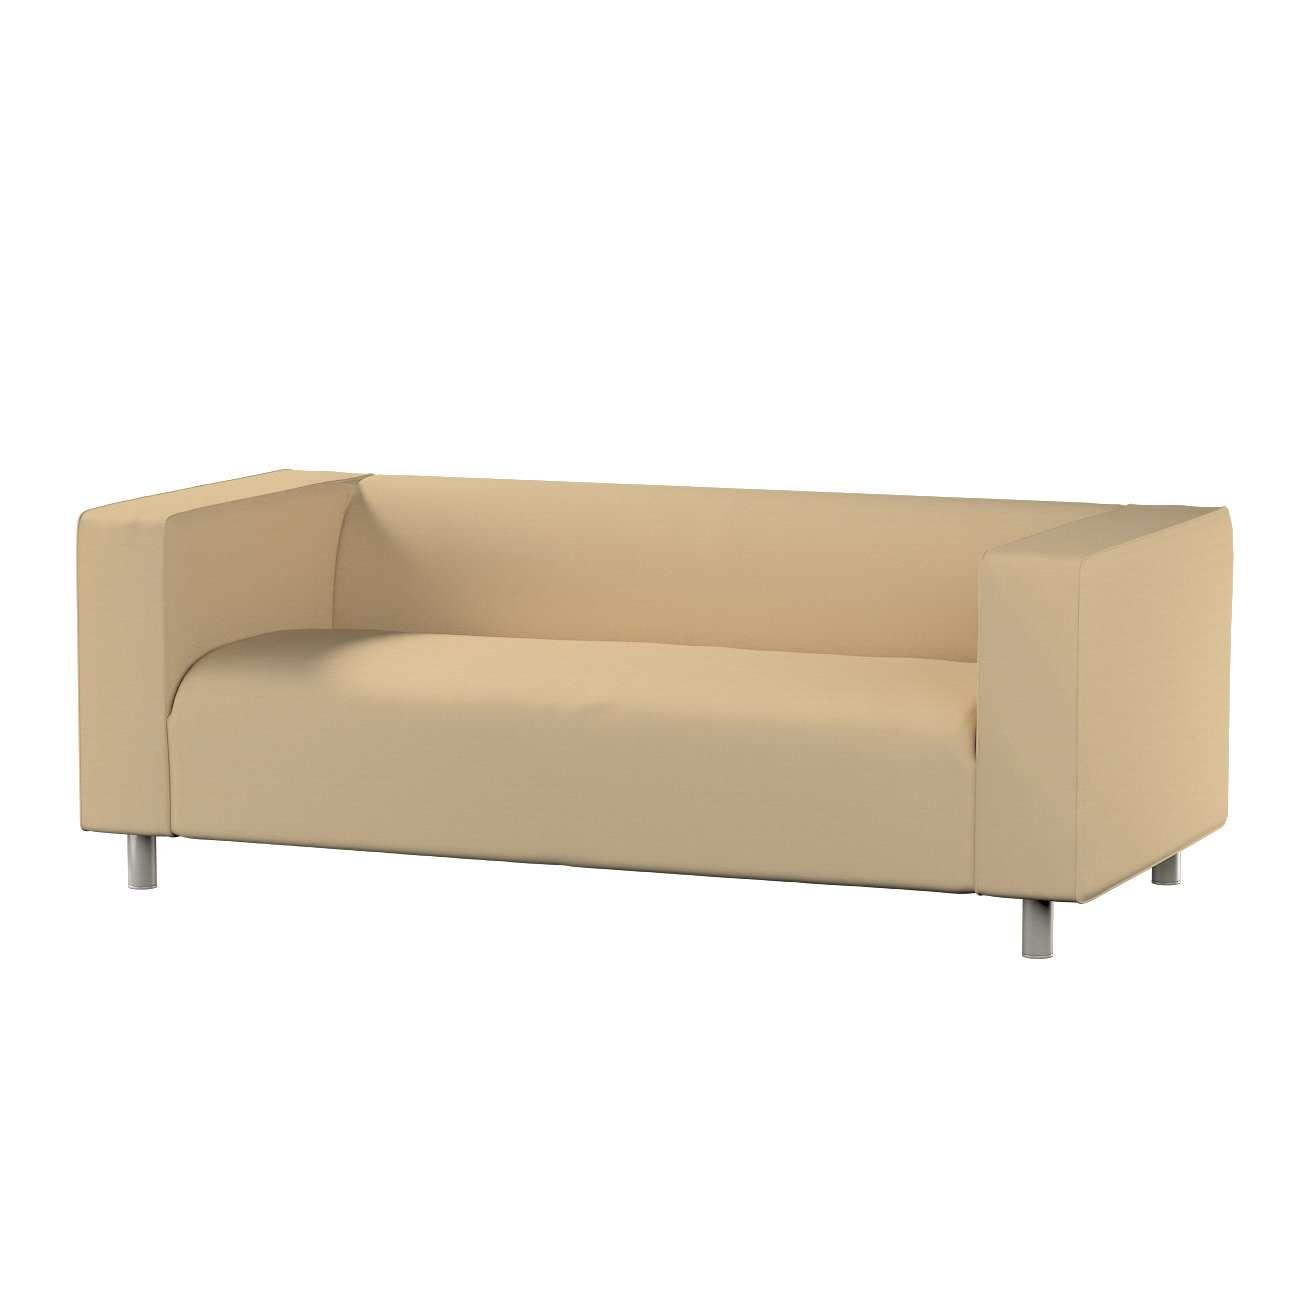 KLIPPAN dvivietės sofos užvalkalas Klippan 2-seater sofa cover kolekcijoje Cotton Panama, audinys: 702-01